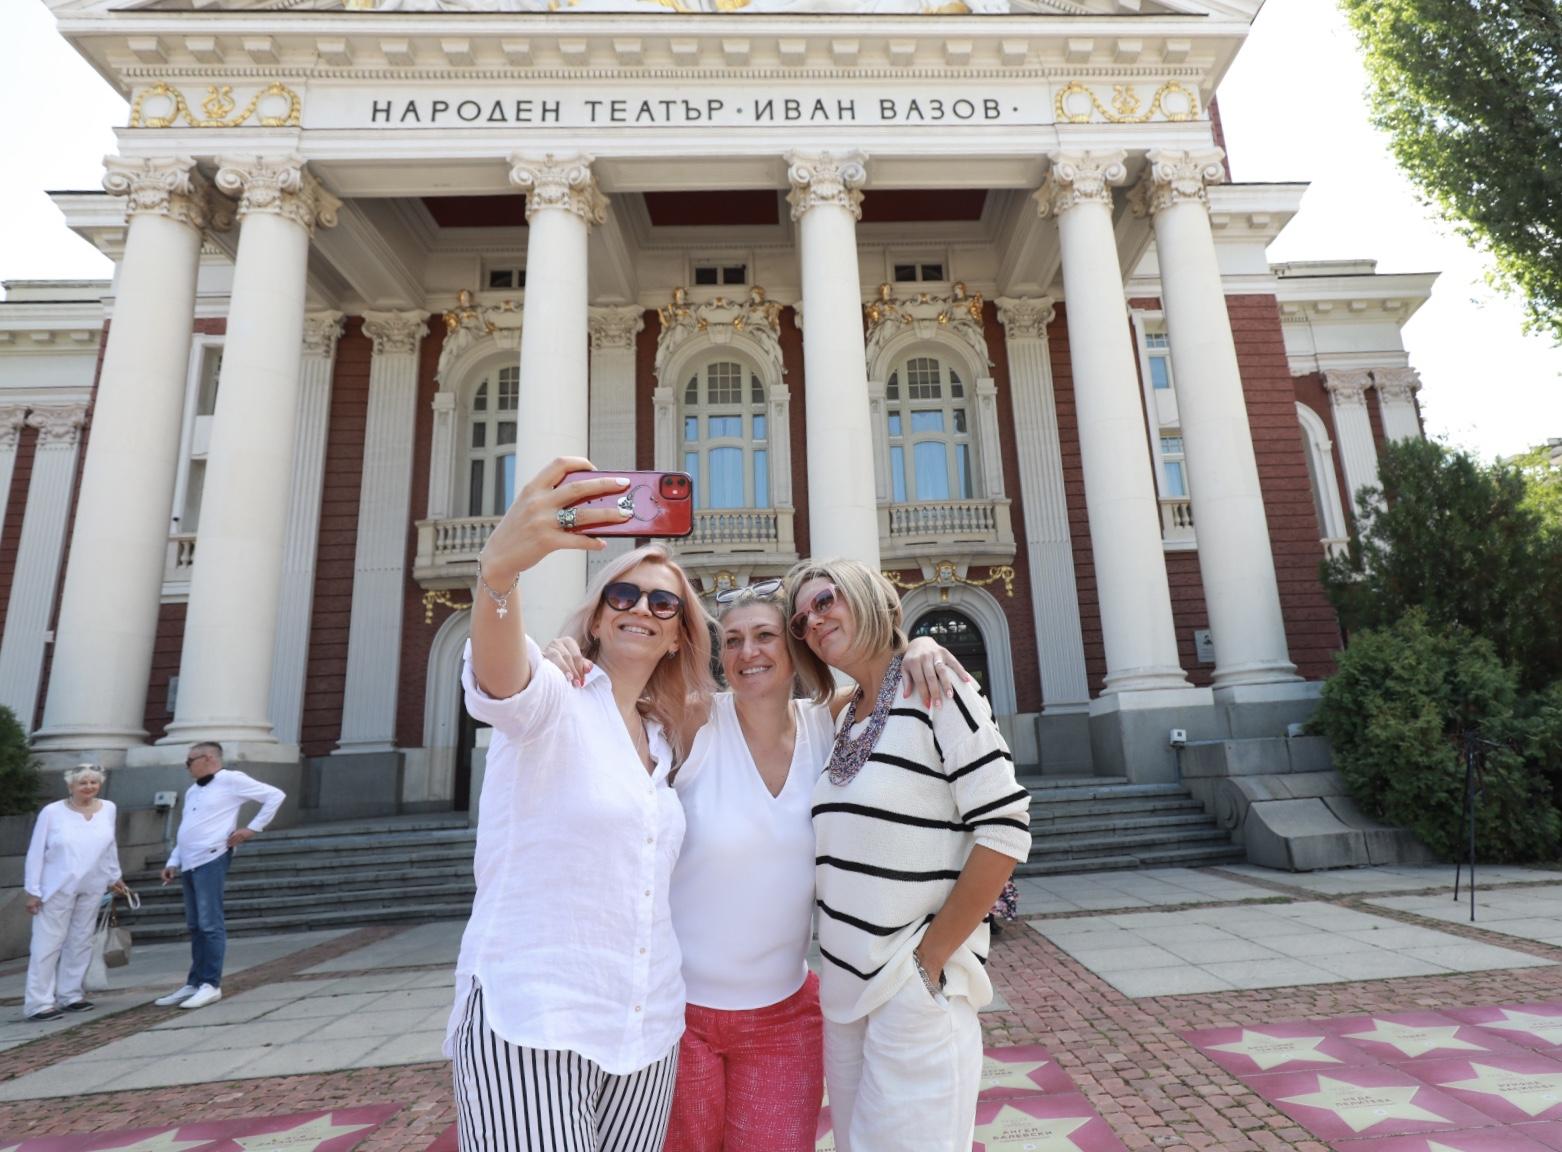 <p>&bdquo;Алея на славата&rdquo; пред Народния театър</p>